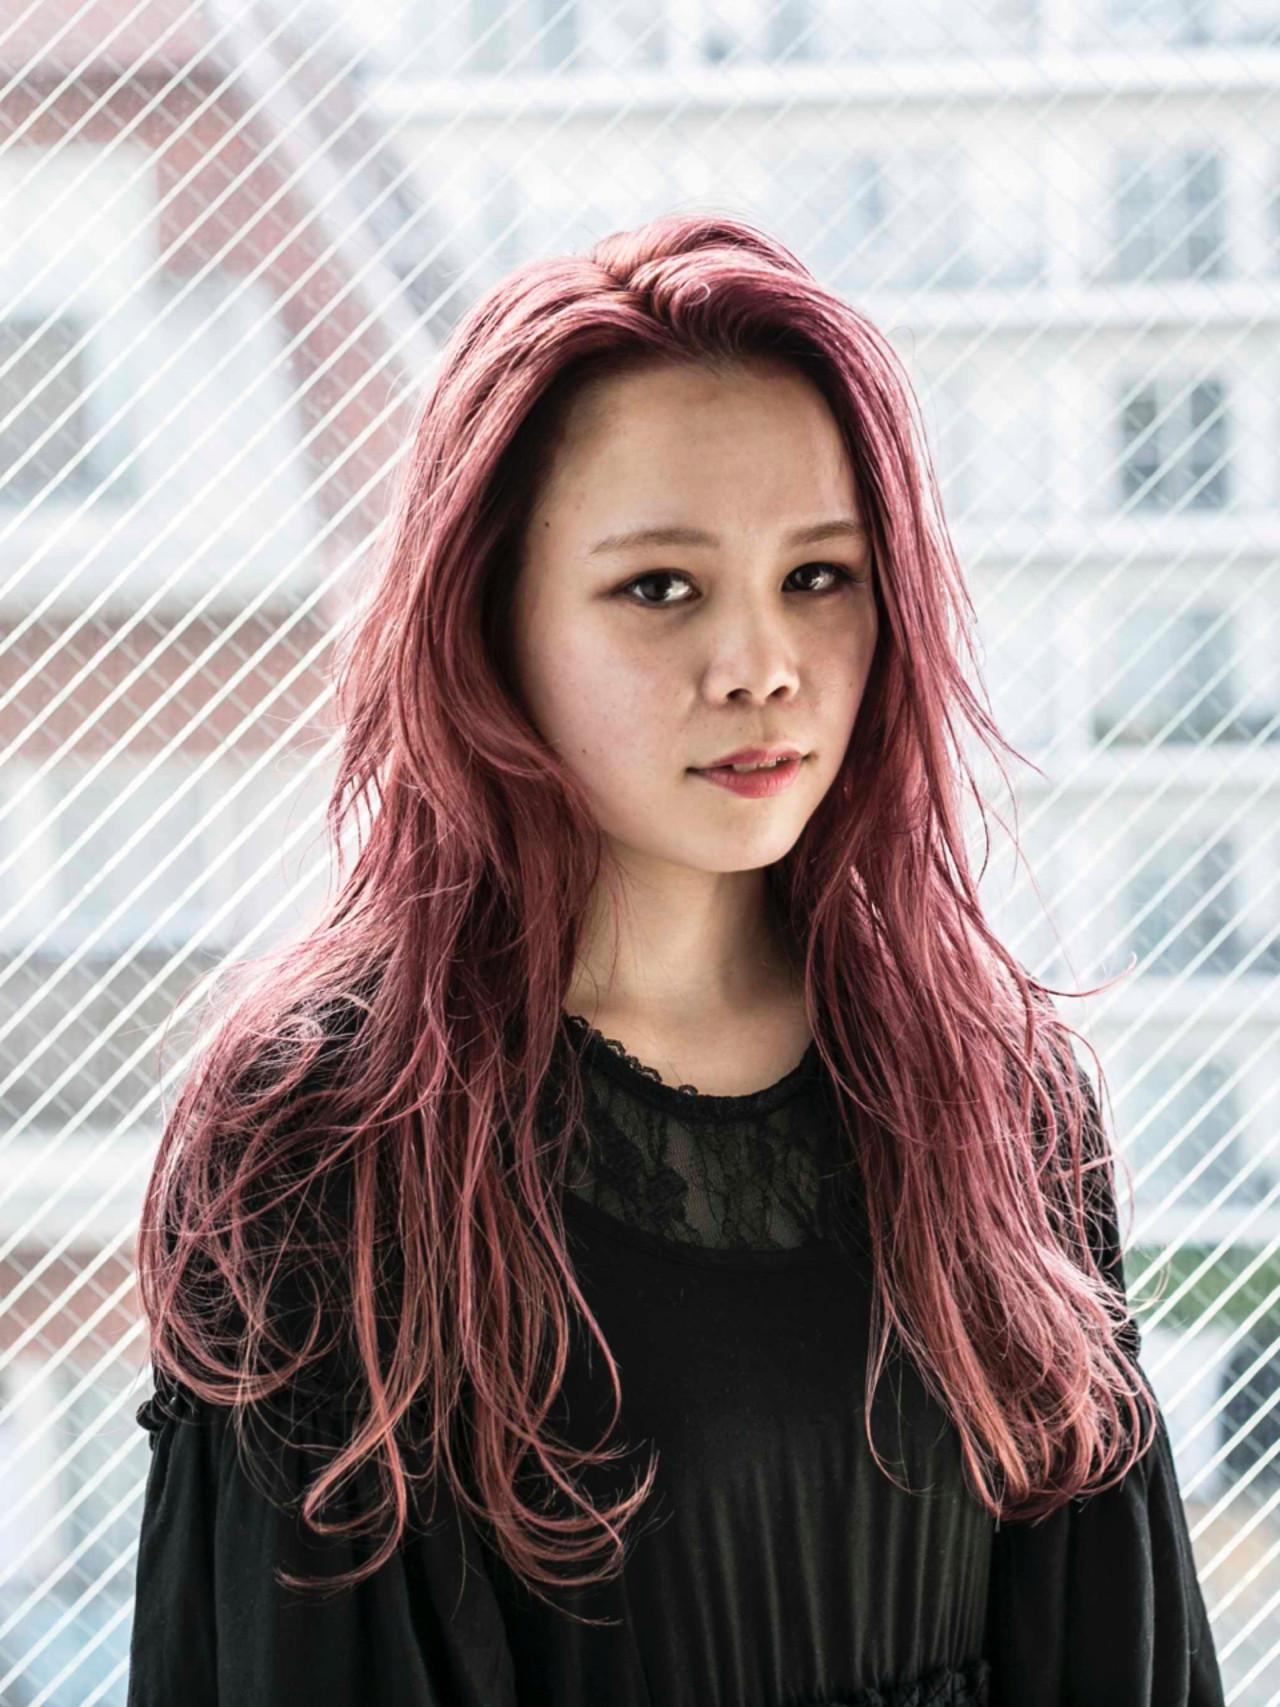 ガーリー ラベンダーピンク ピンク ピンクアッシュ ヘアスタイルや髪型の写真・画像 | 松尾 芳晴 / AO